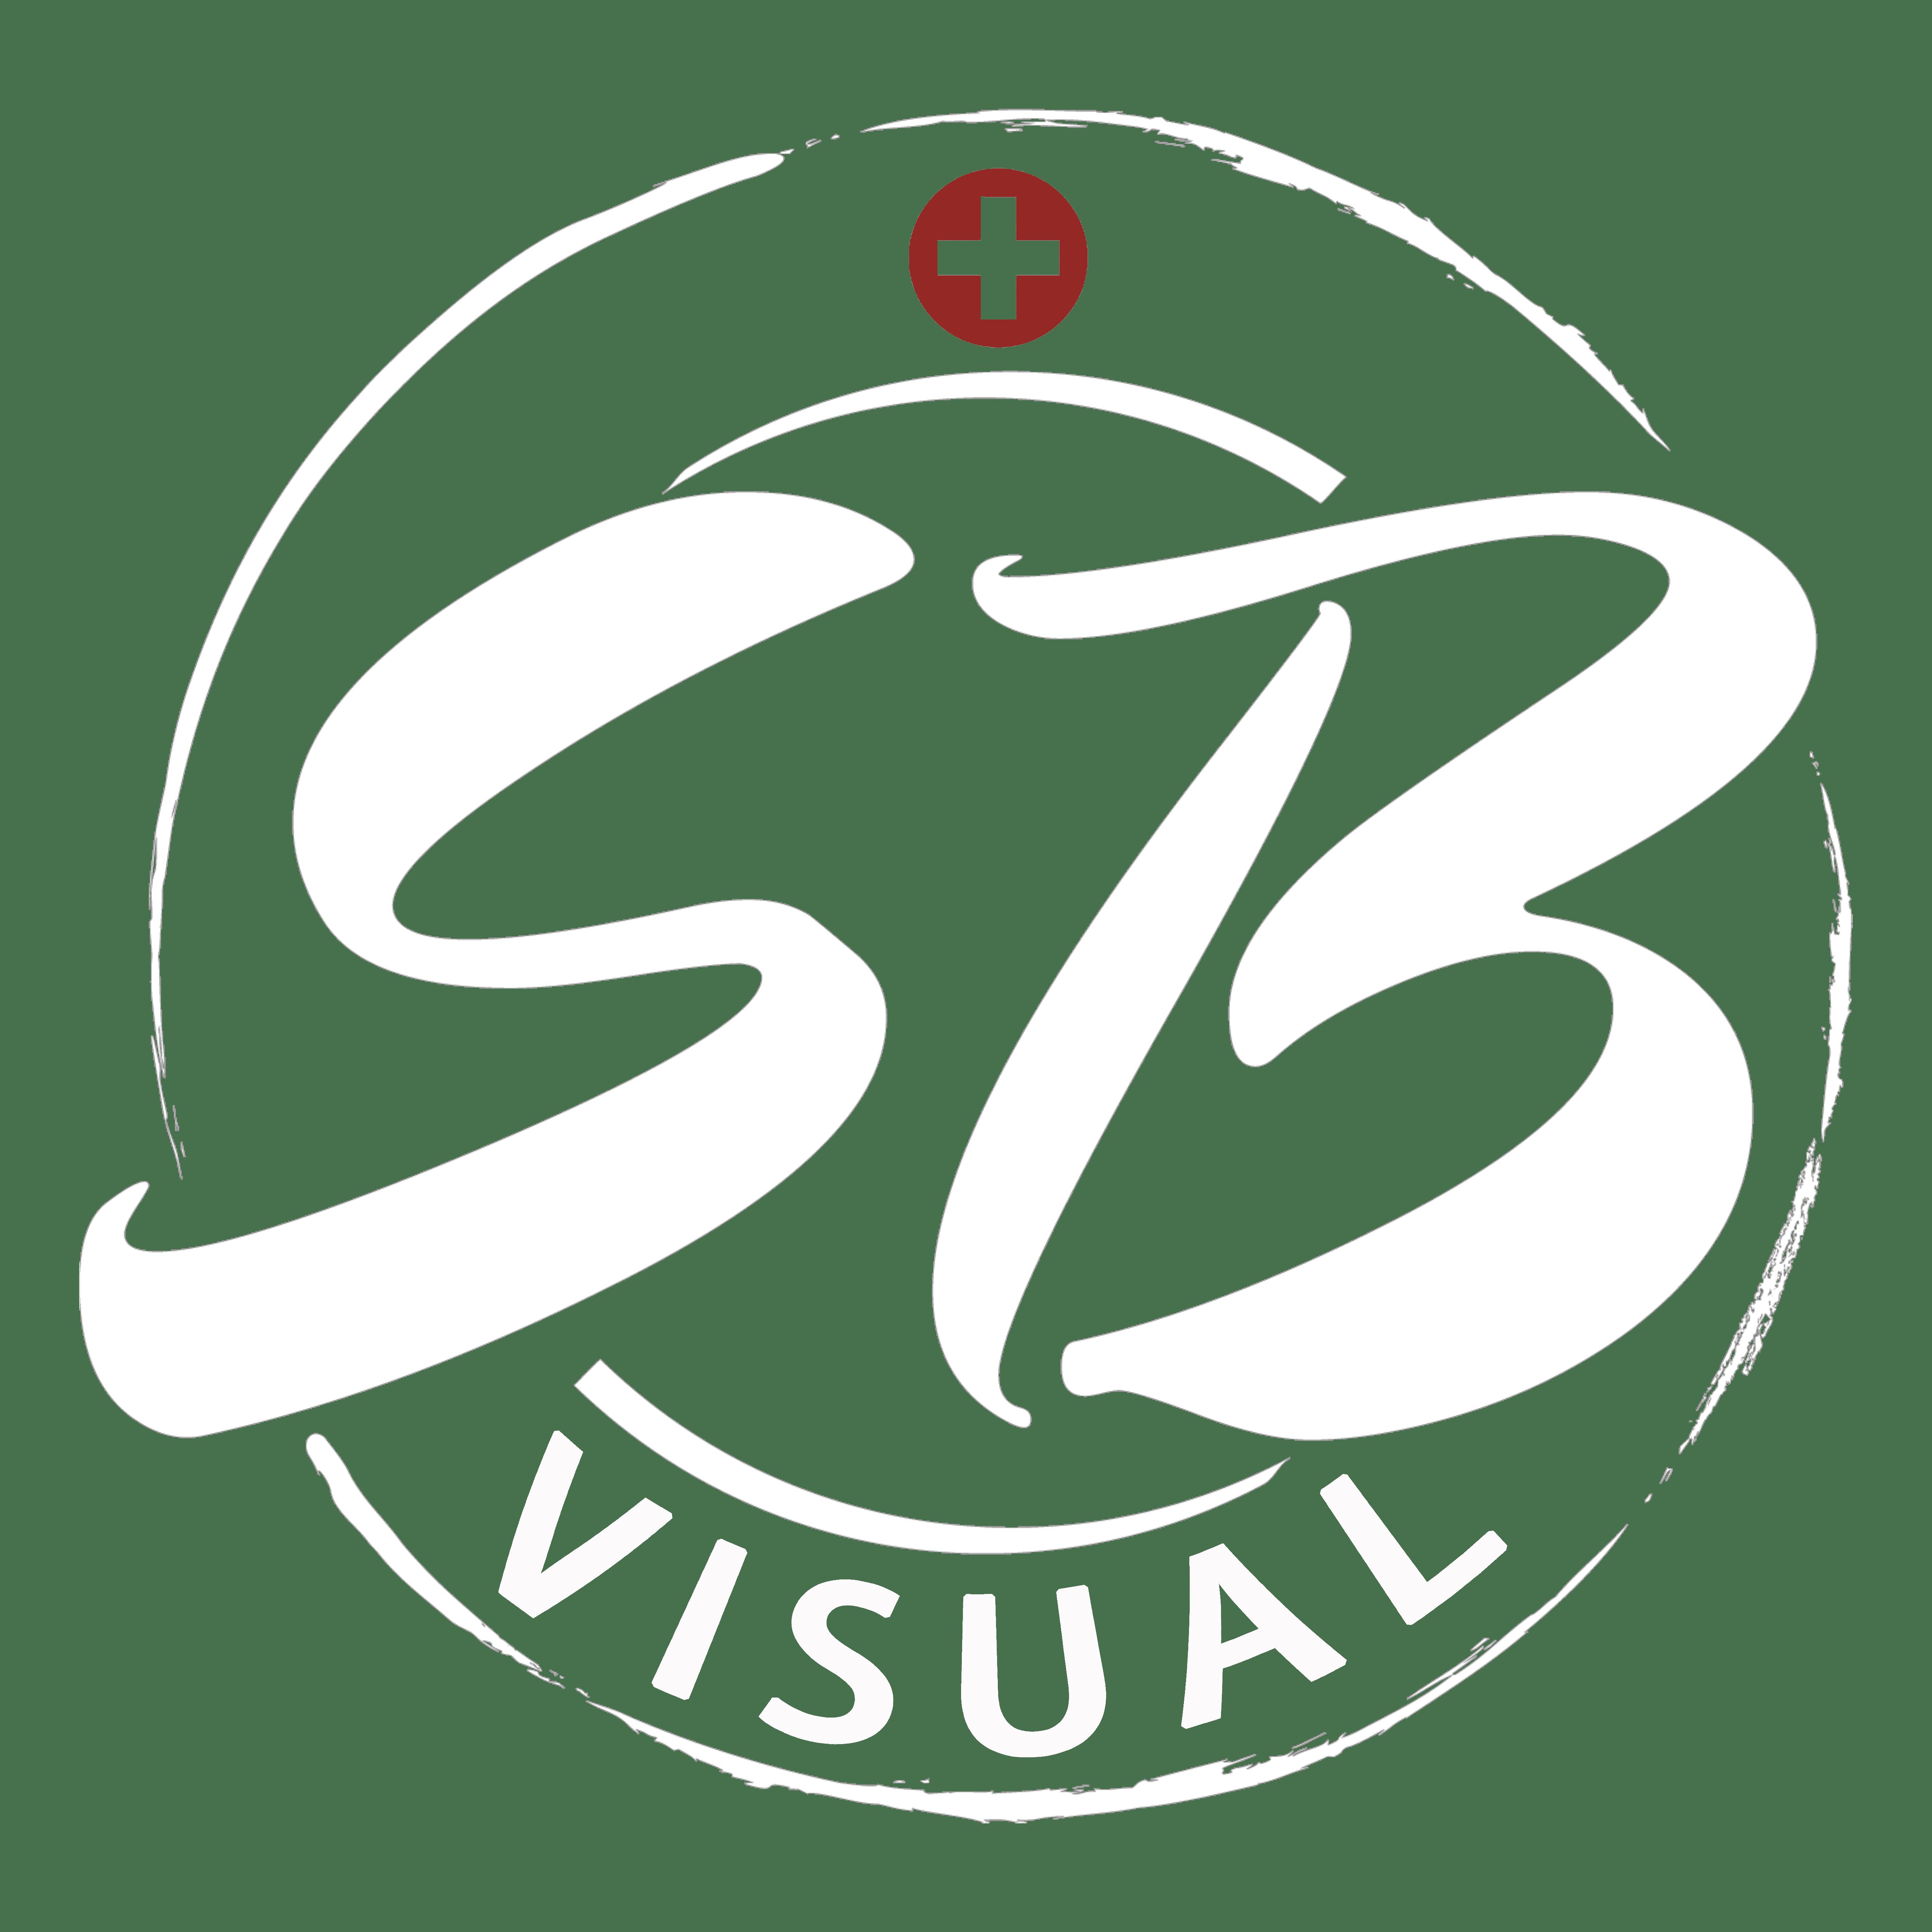 Sb Visual